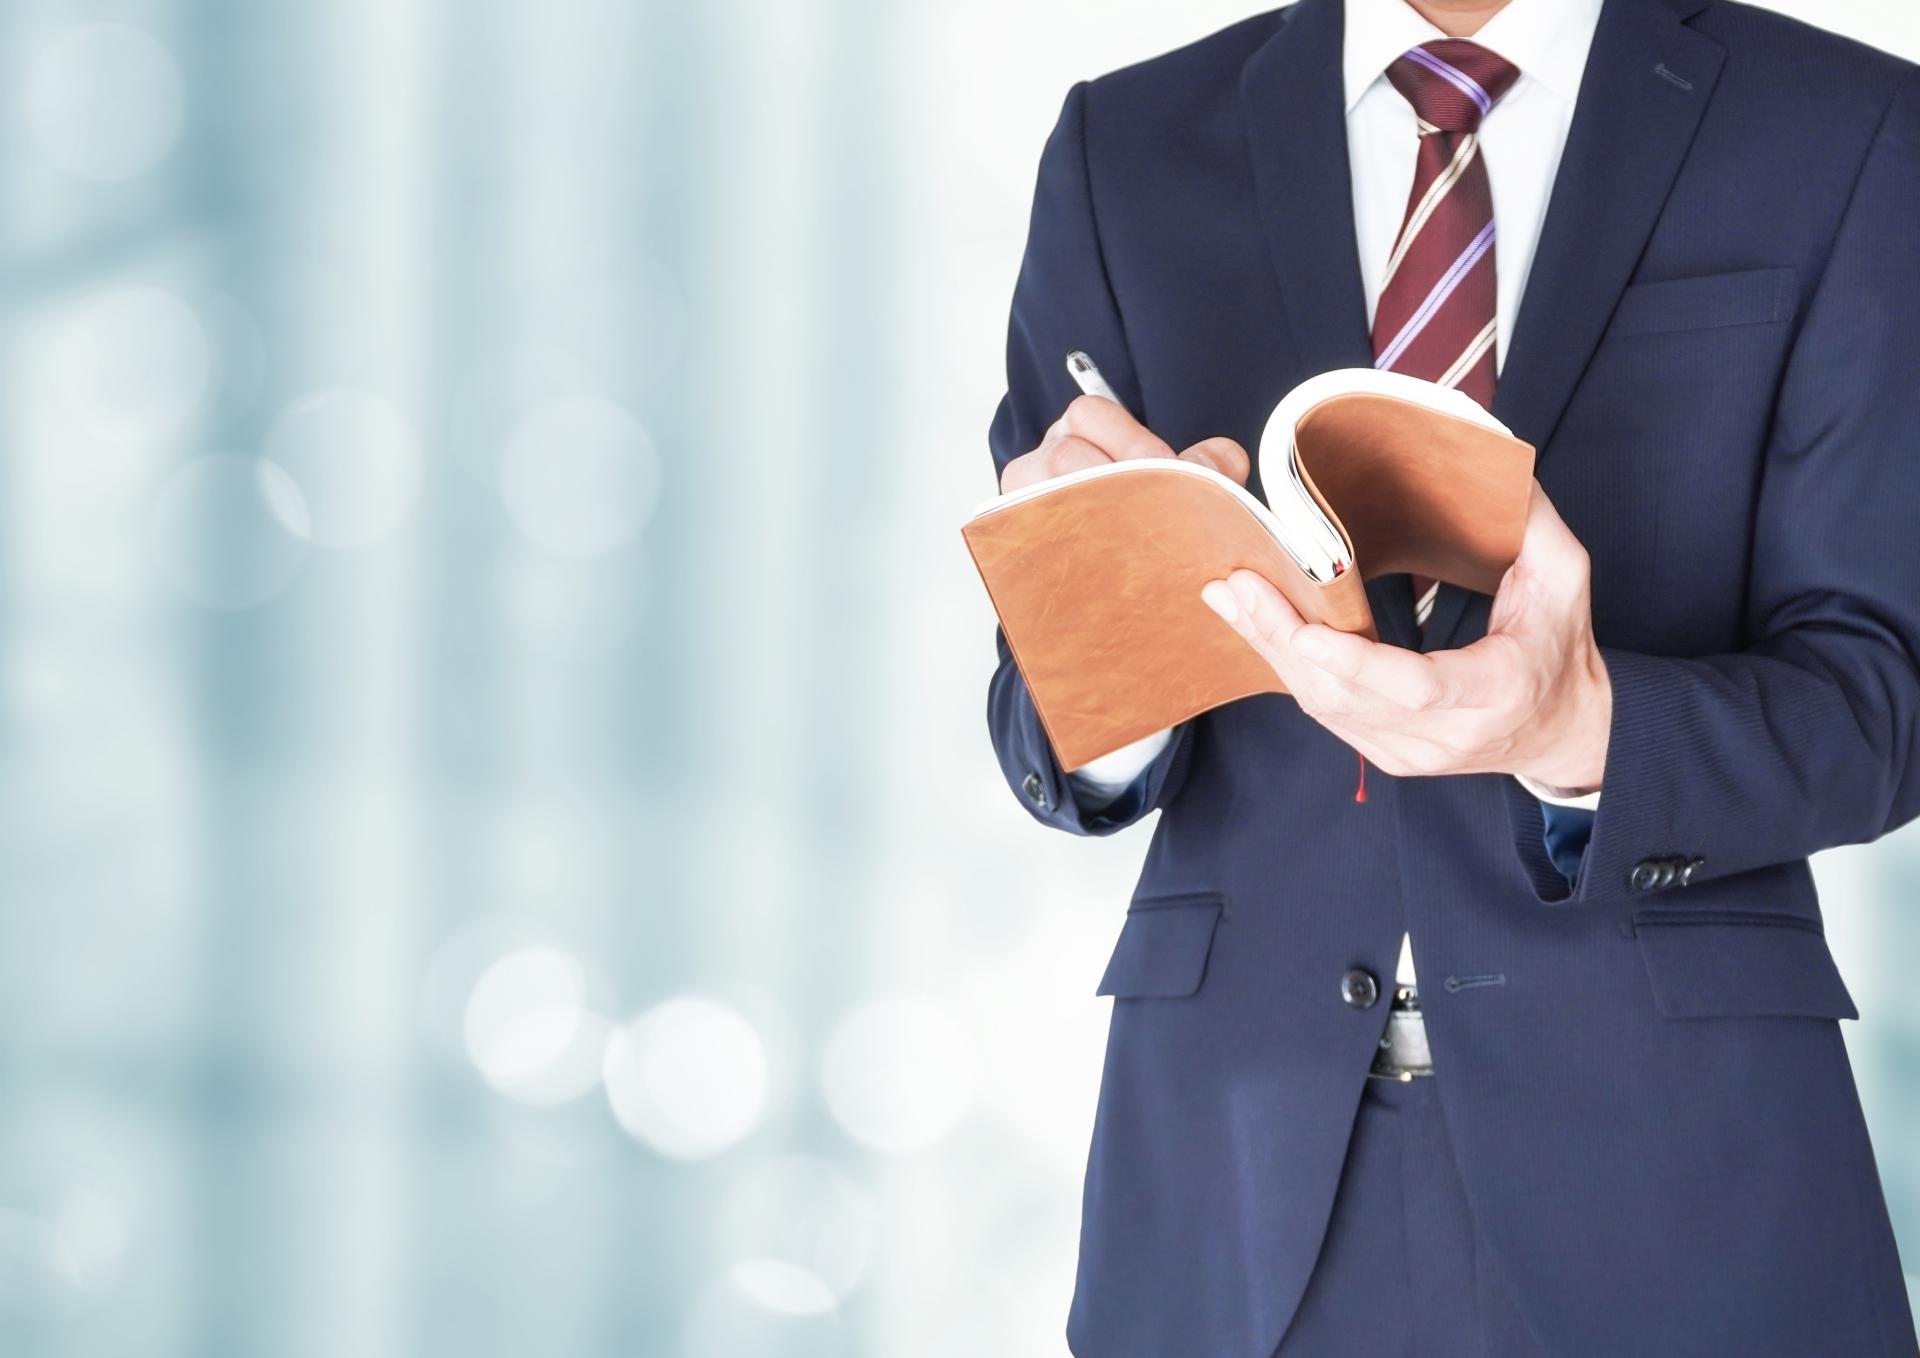 事業承継を進めるための5つの方法